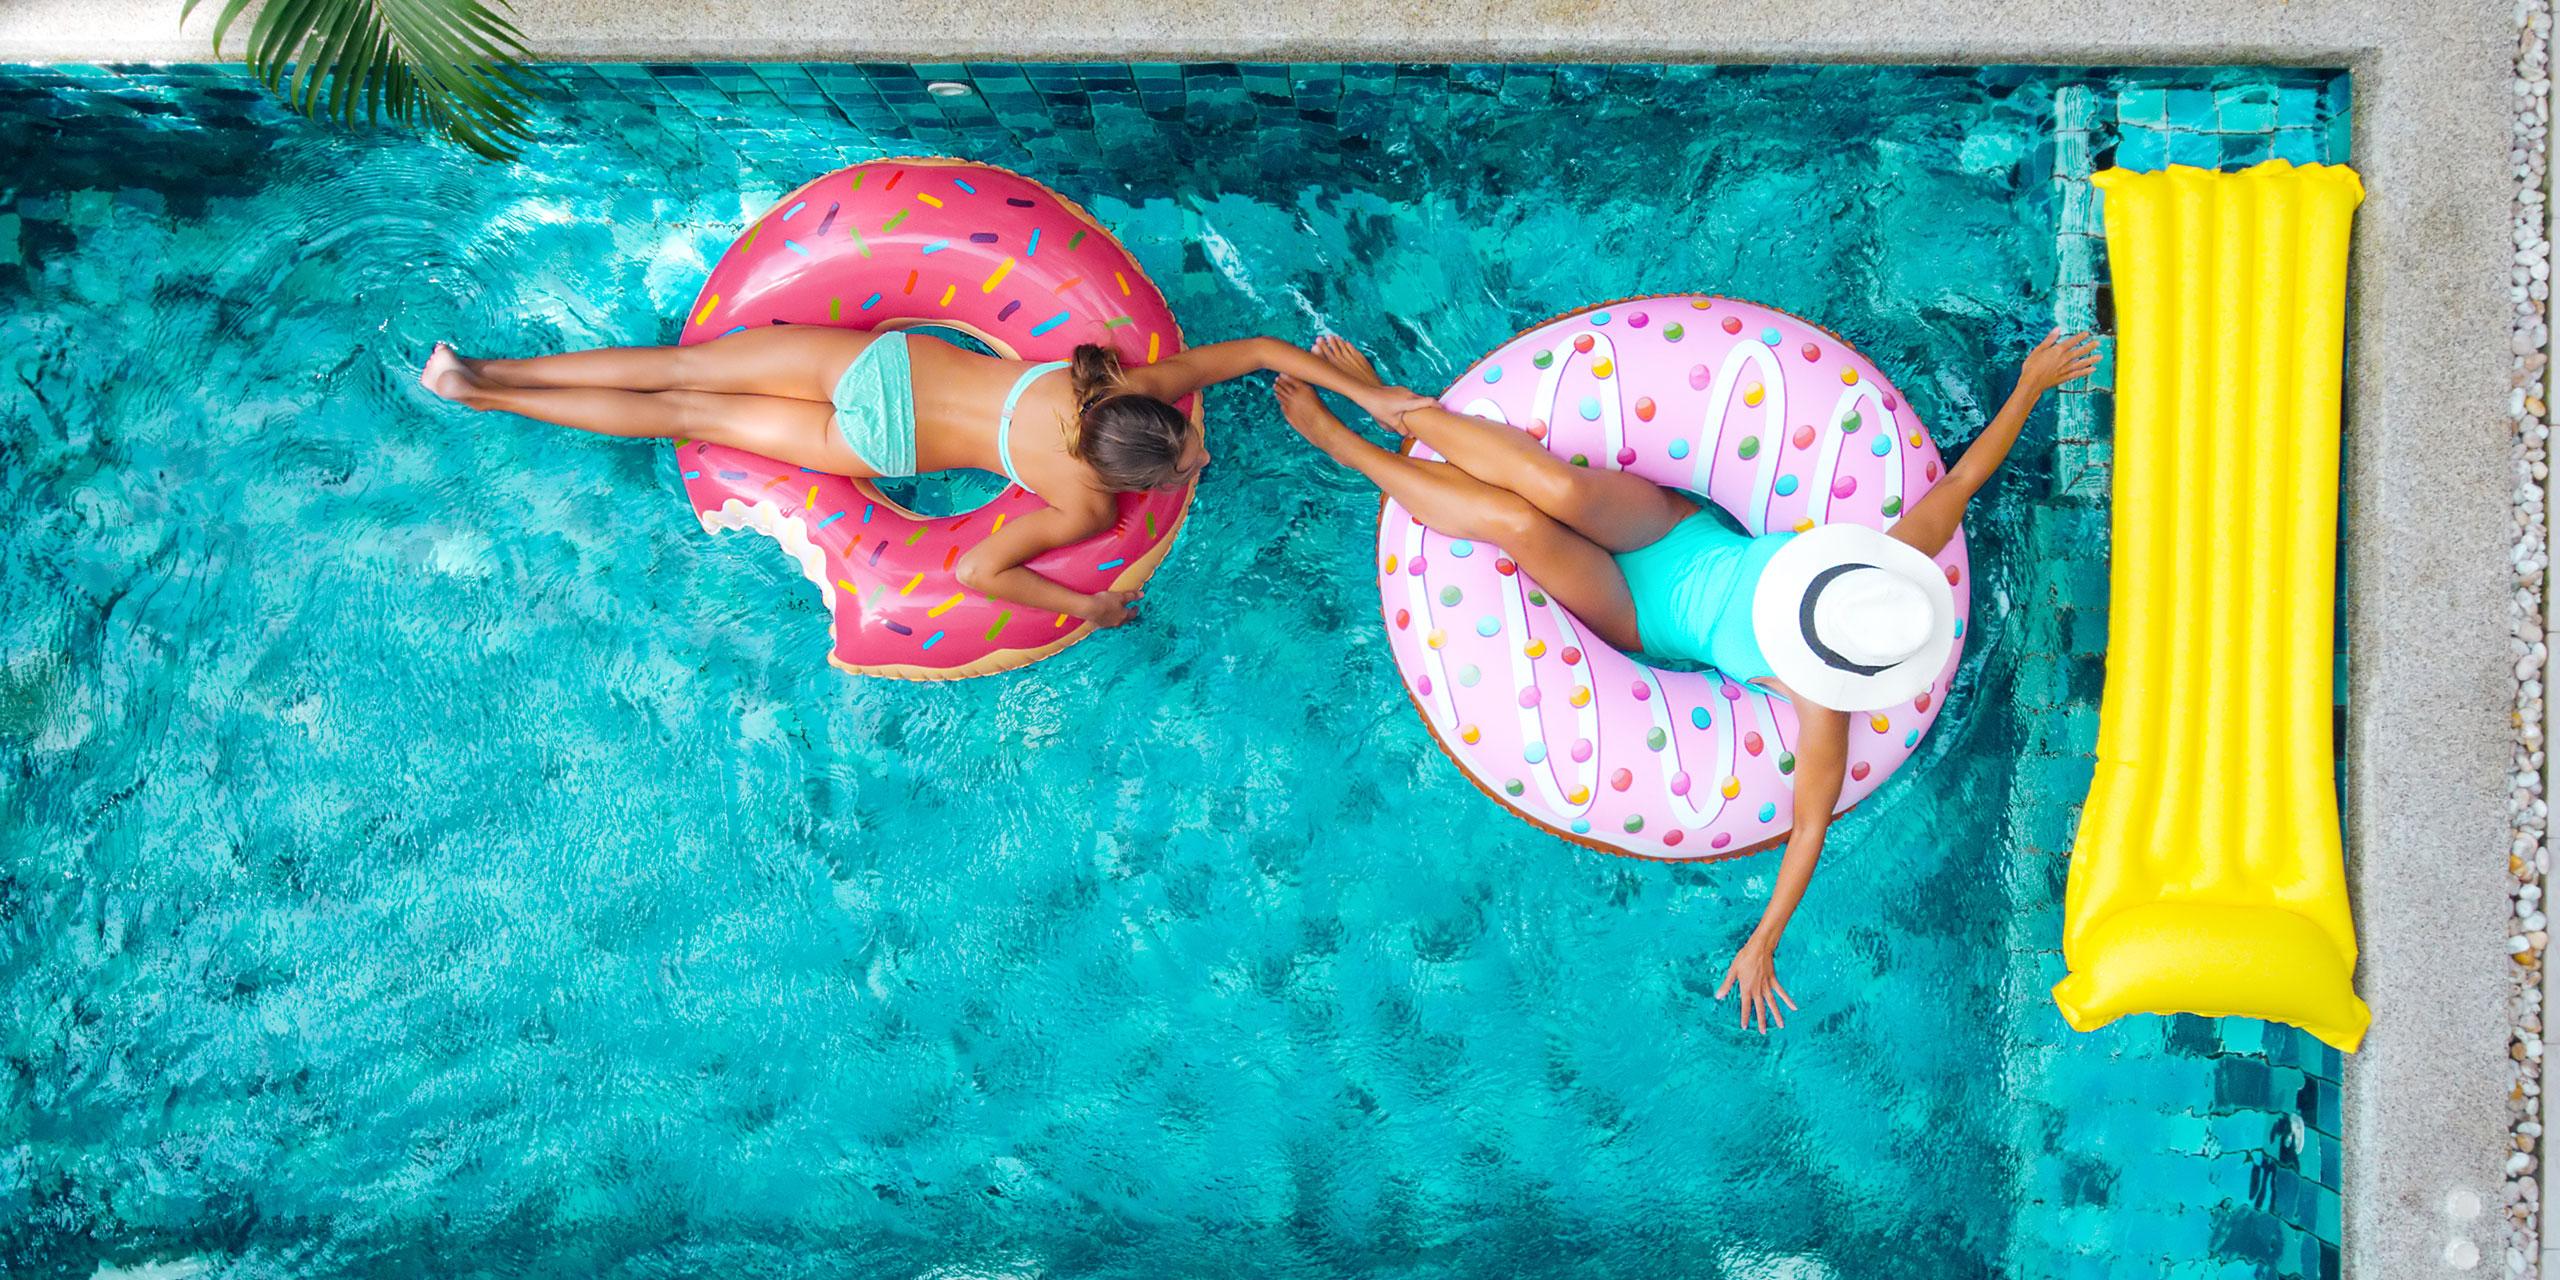 Mom and Daughter in Pool; Courtesy of Alena Ozerova/Shutterstock.com